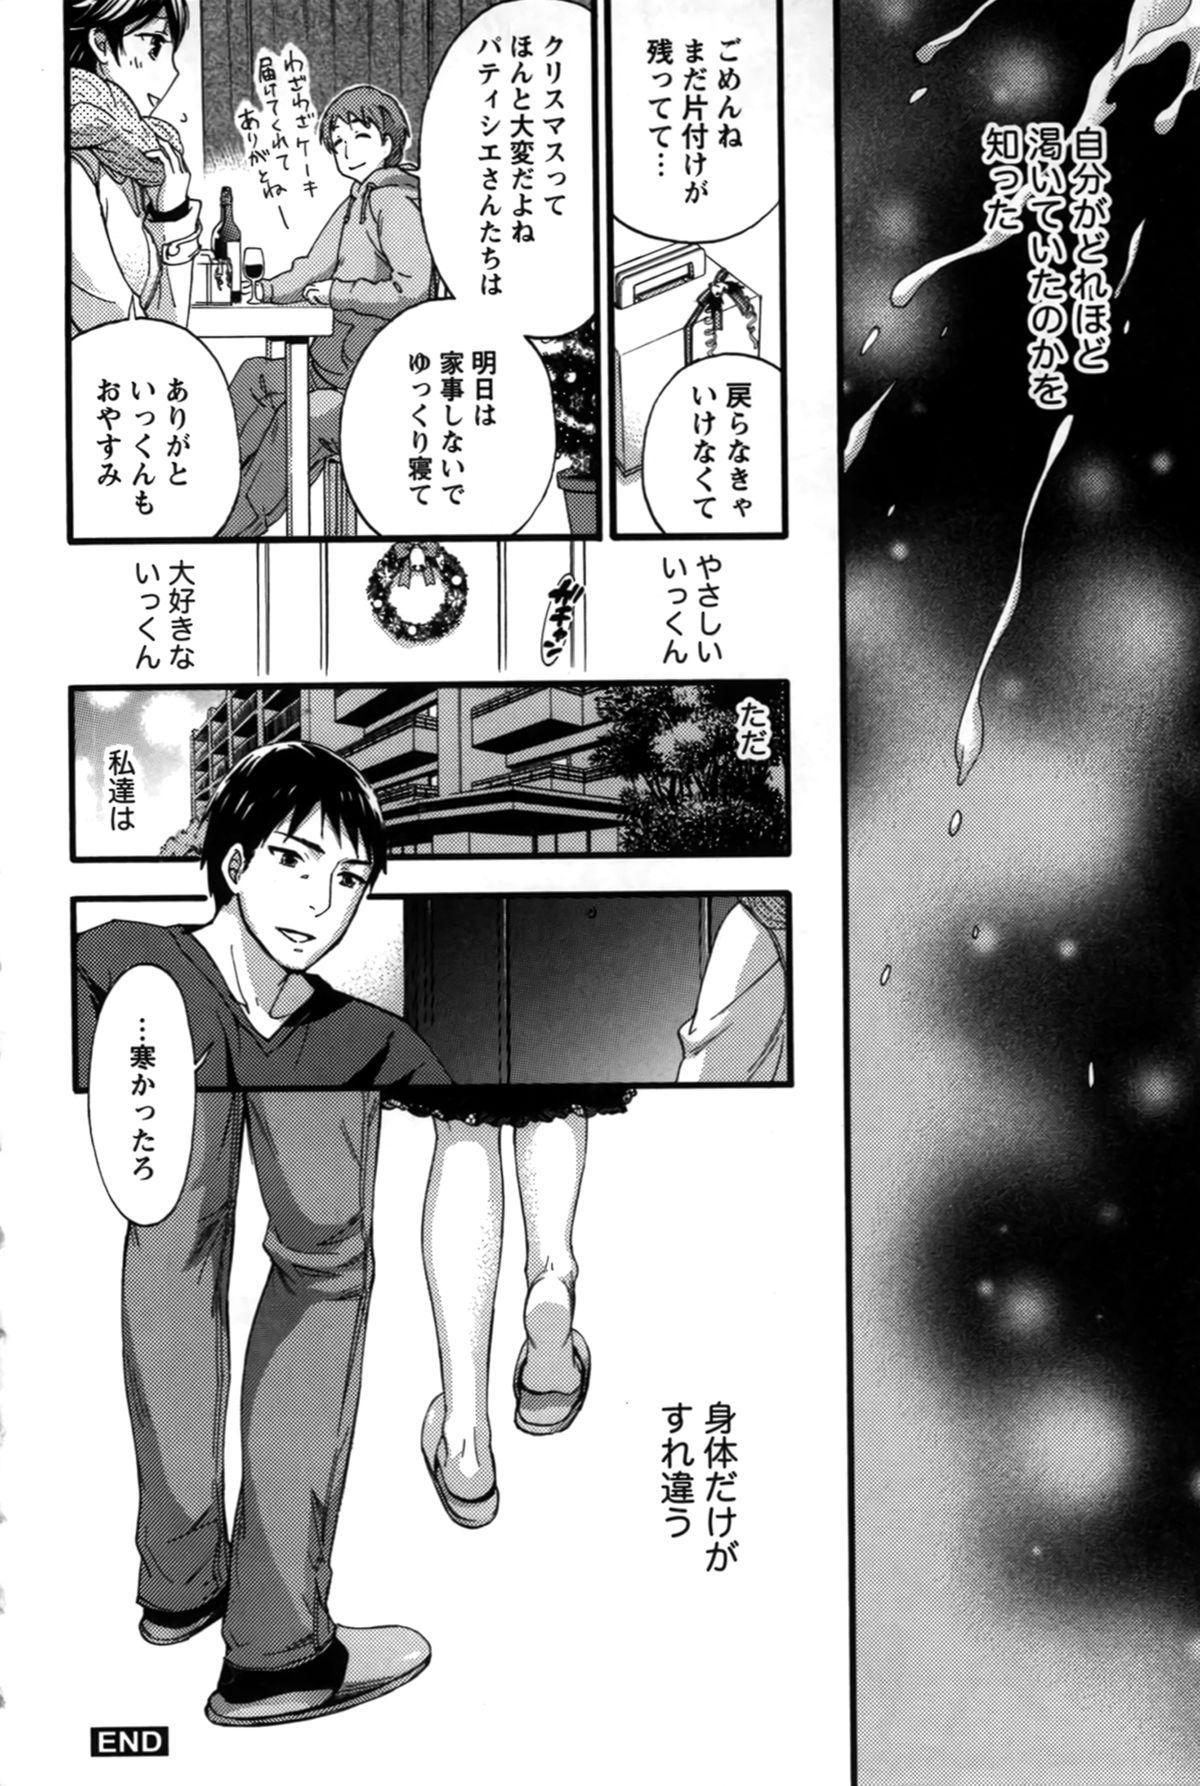 Anata to Watashi wa Warukunai 120